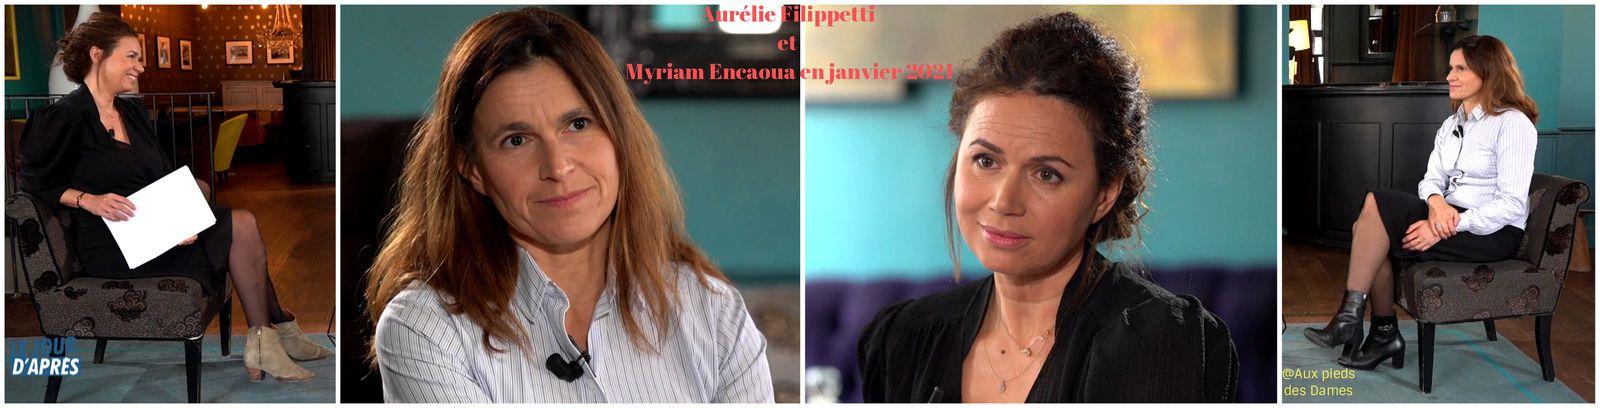 Aurélie Filippetti et Myriam Encaoua en janvier 2021. Interview. Talons